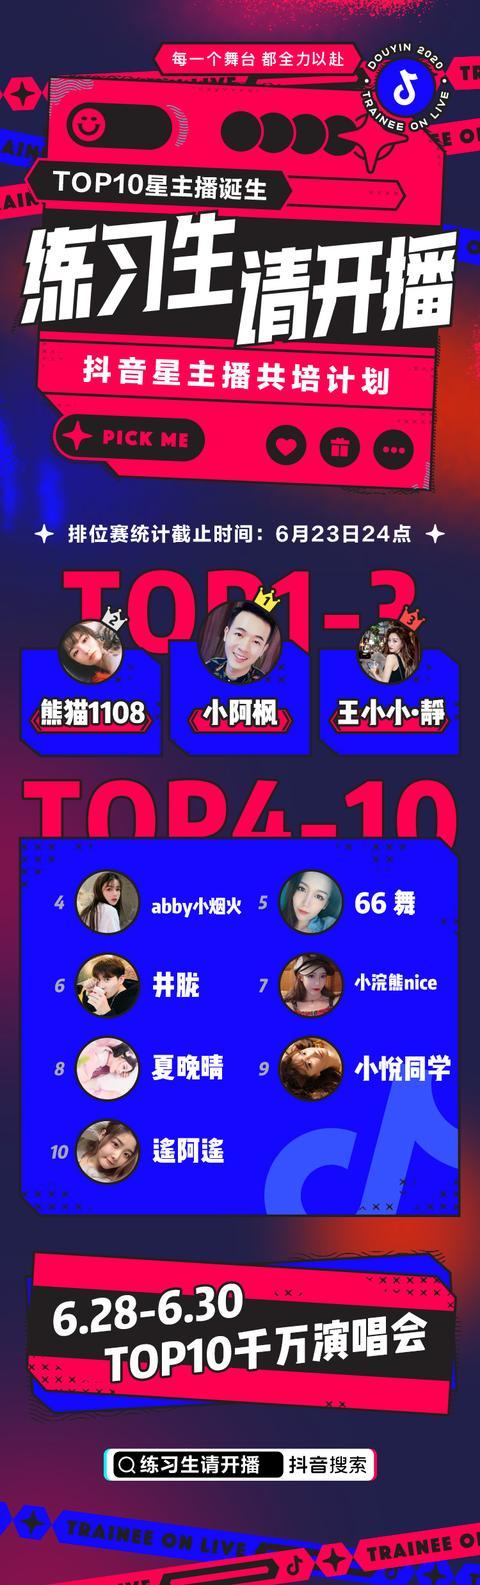 《练习生请开播》TOP10已就位,抖音星主播未来可期!